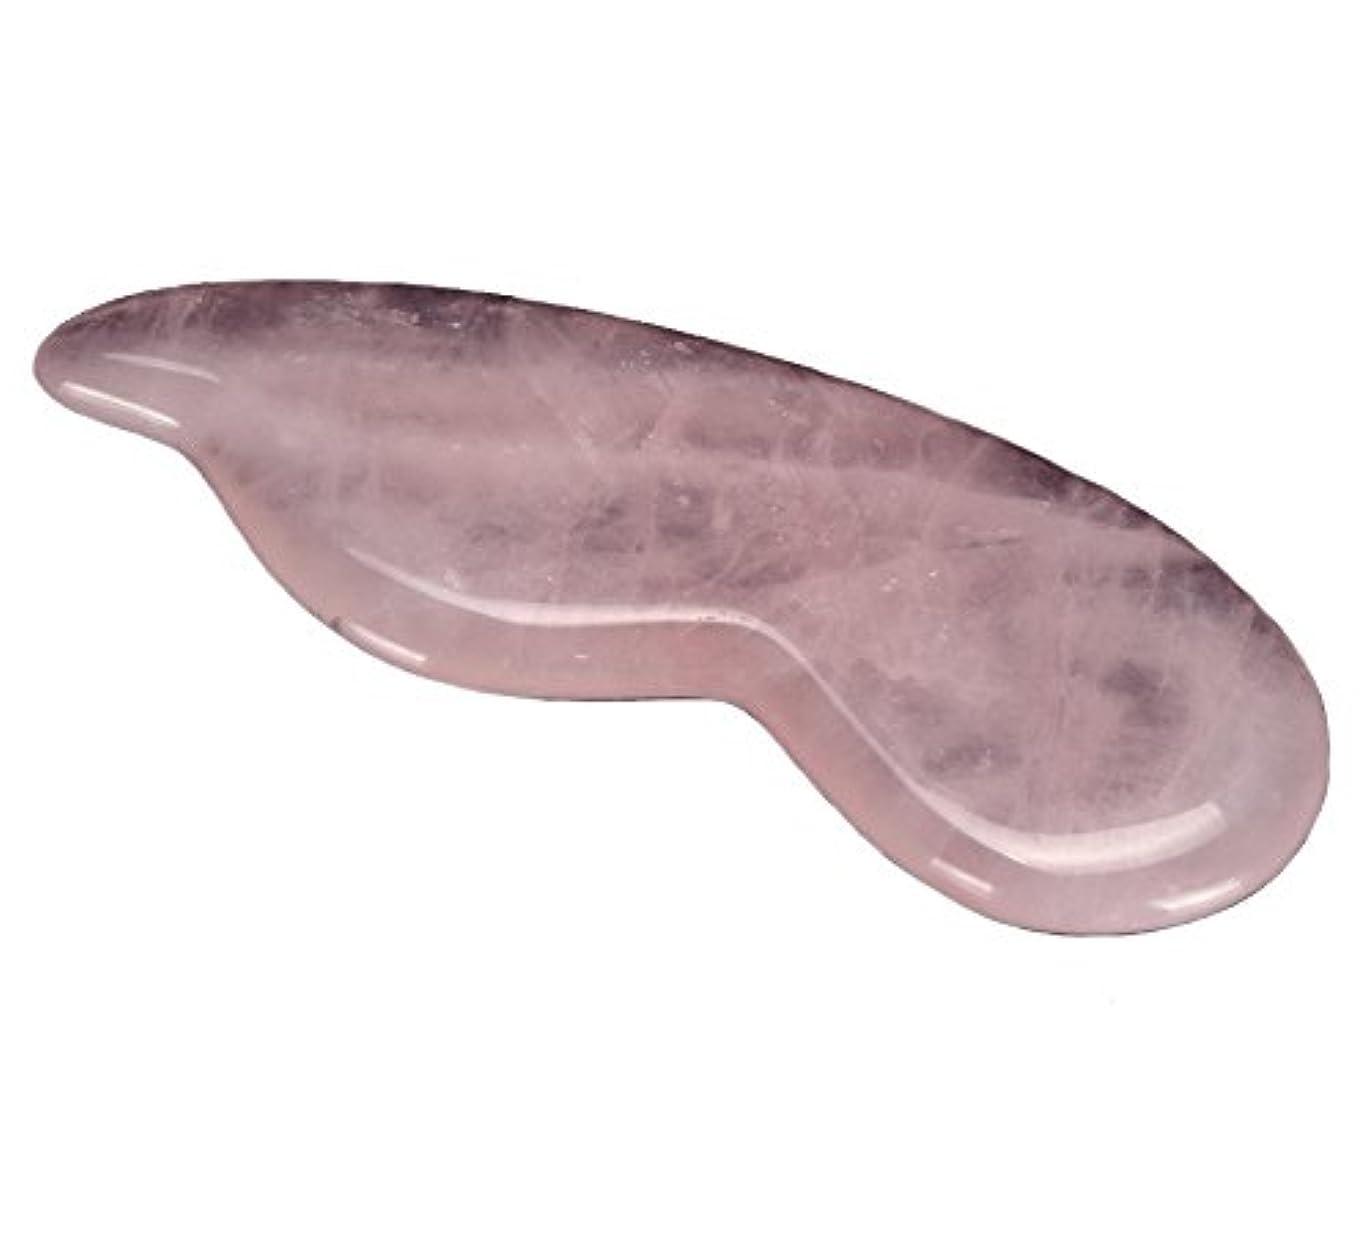 操縦する芽細菌組み合わせできる2枚 美容マッサージ板 ローズクオーツかっさプレート マッサージ かっさ ny-amb006